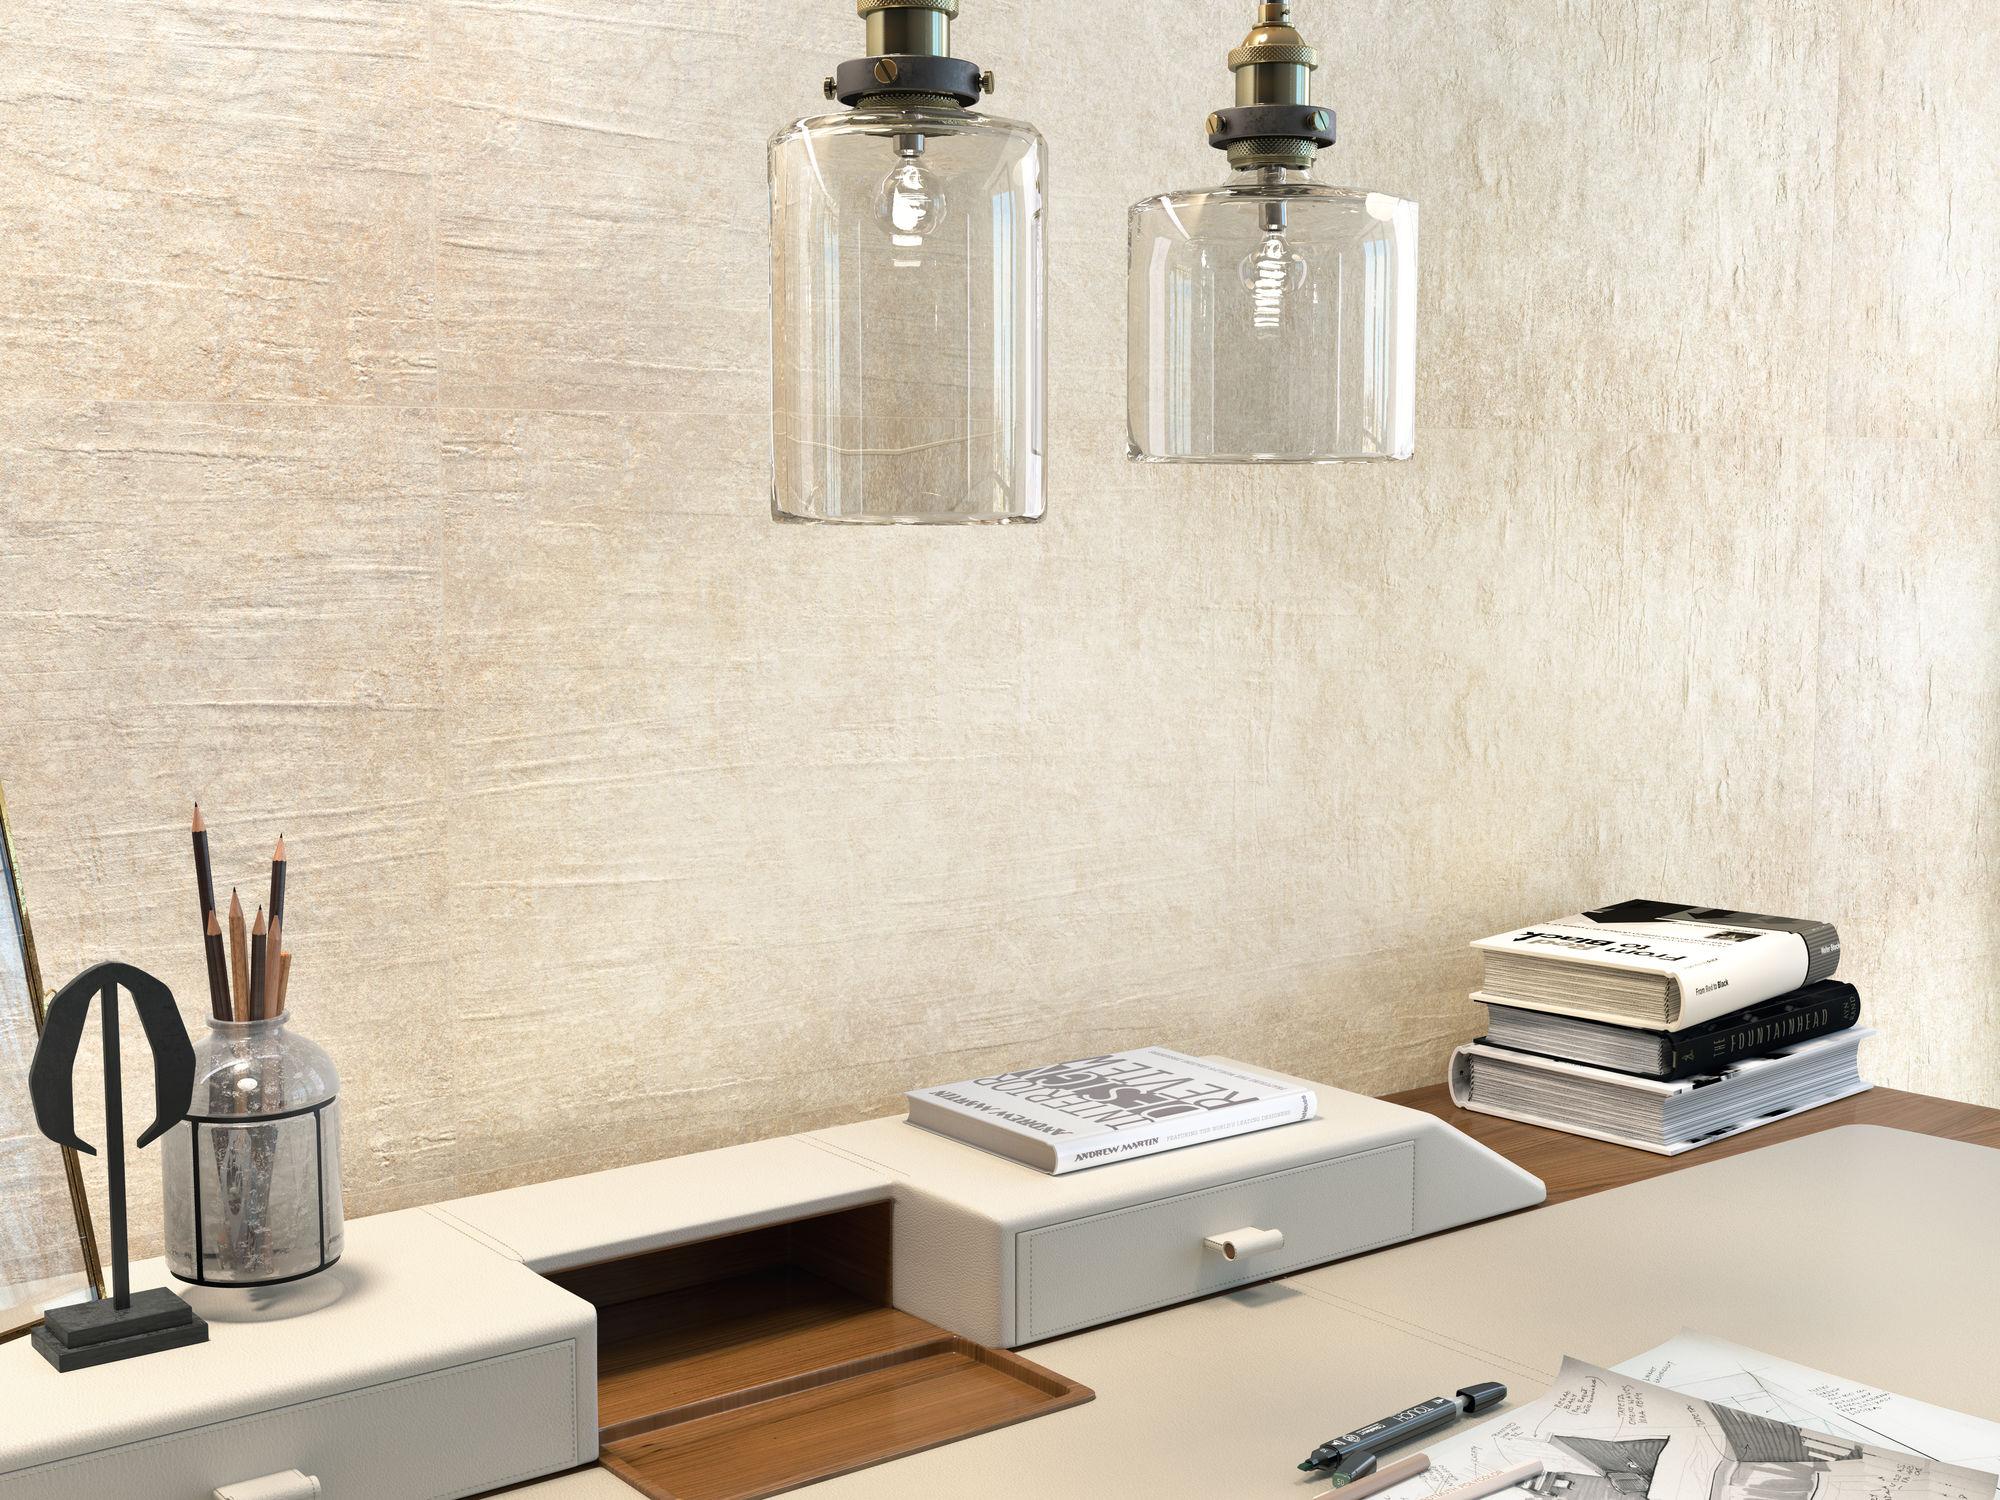 wandfliesen gro format beige matt 40x120 bei fliesenprofi kaufen fliesen profi fliesen. Black Bedroom Furniture Sets. Home Design Ideas